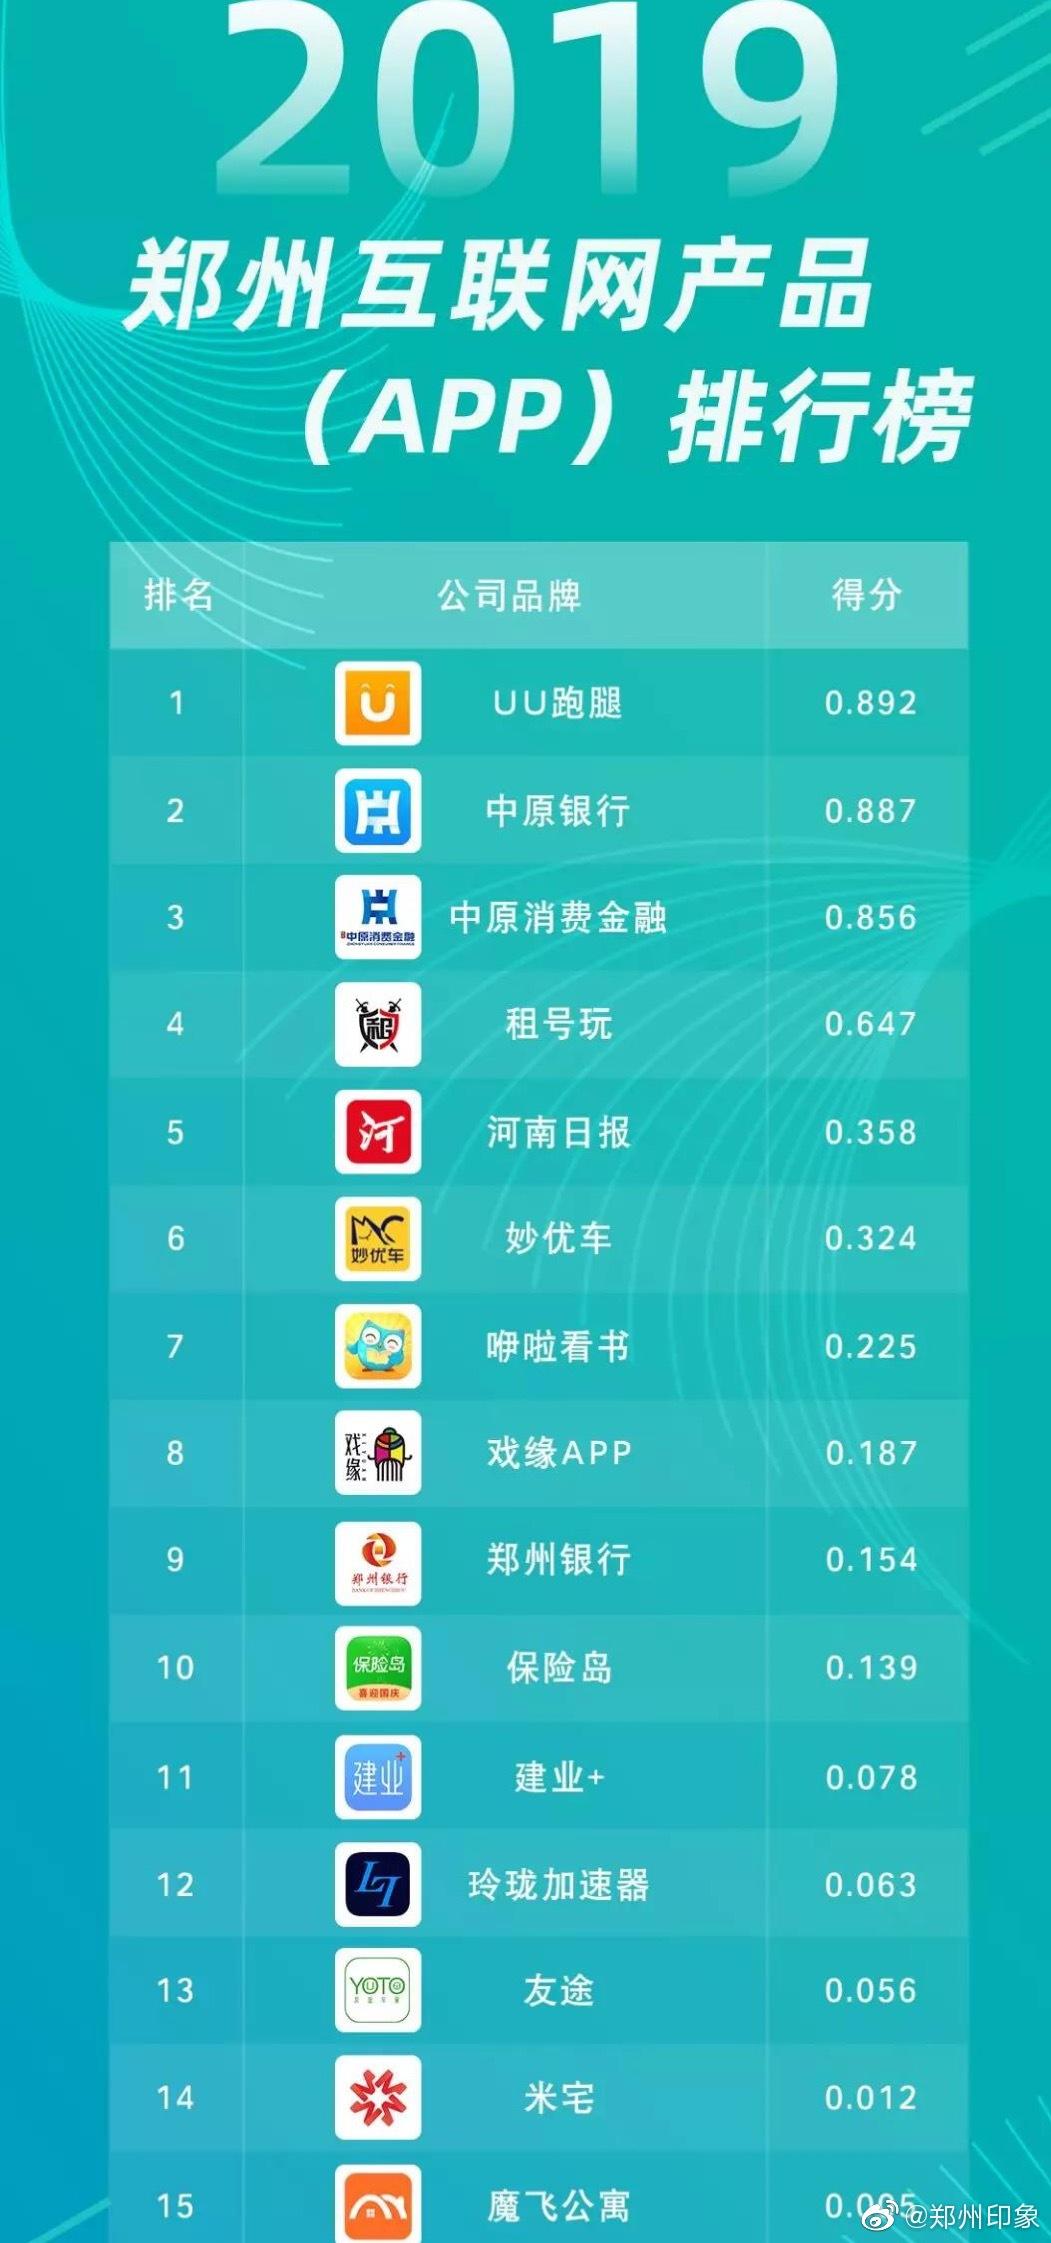 前几天发起关于郑州互联网企业APP的投票 @中原消费金融公司  领先其